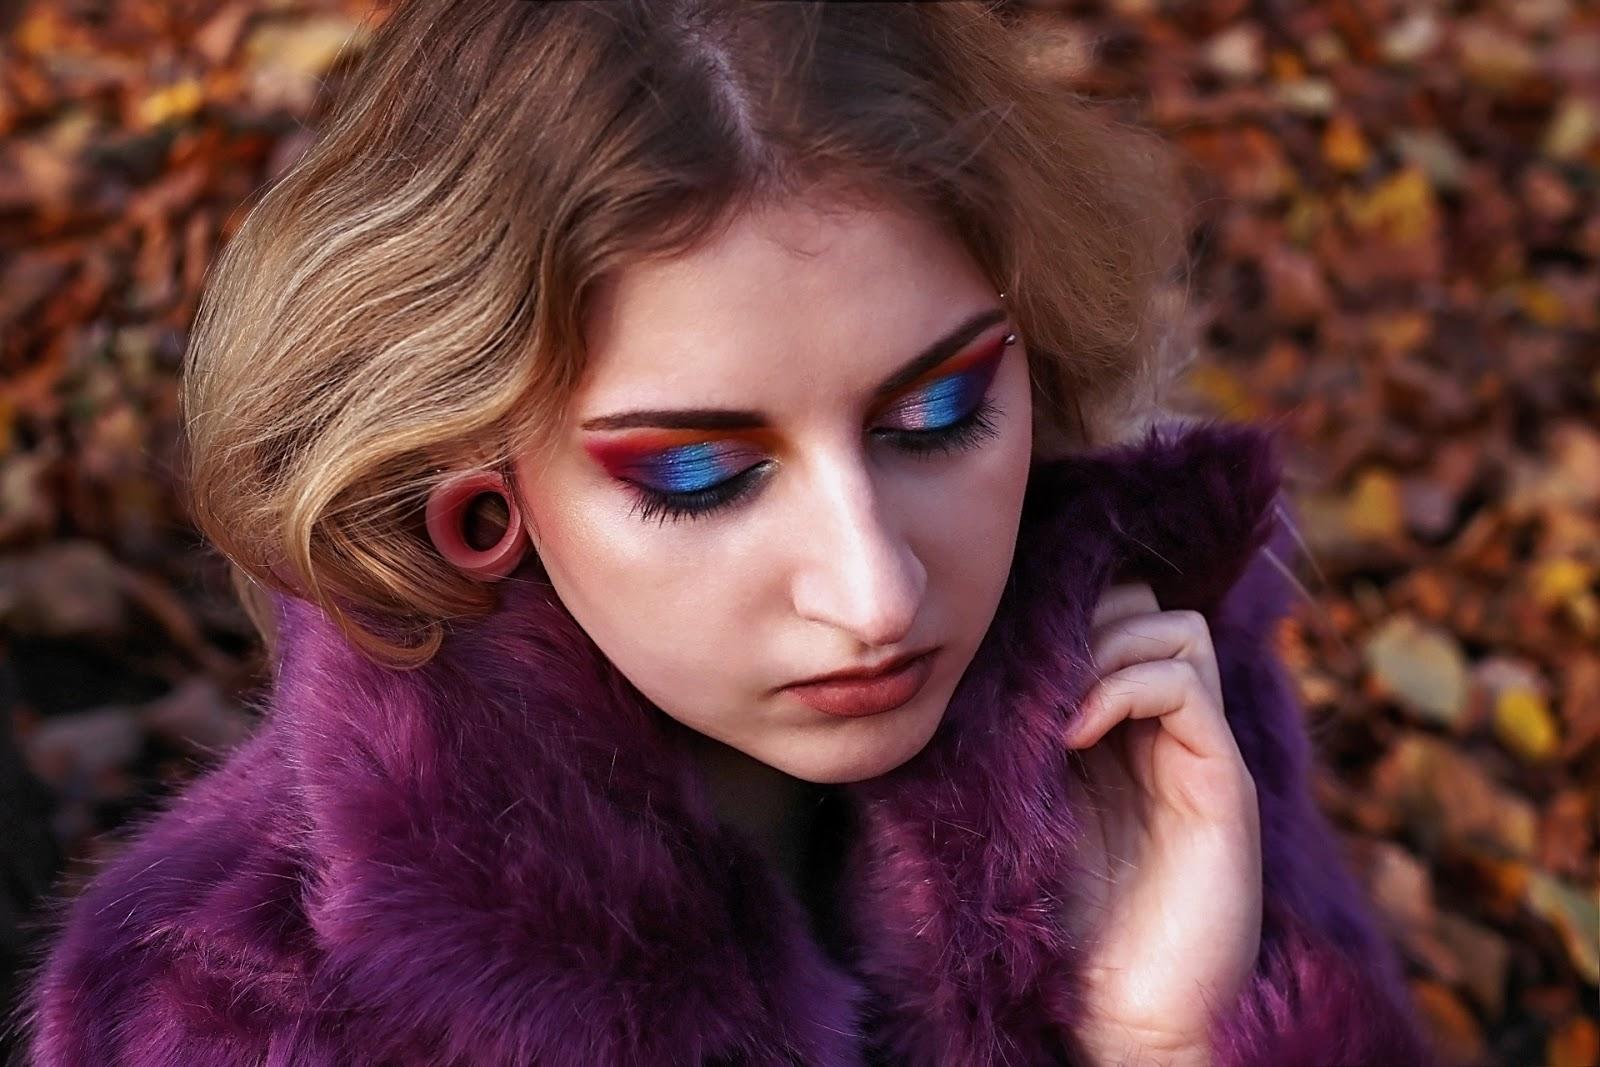 Futro na zimę 2018, jak nosić futro, z czym nosić futro, futro do 200zł, futra, bershka, topshop, mohito, hm, moschino, mohito, reserved, ubrania z sieciowek, futro stacjonarnie, futra online, eko futro, fioletowe futro, makeup, huda beauty, fenty beauty, smashbox, katvond